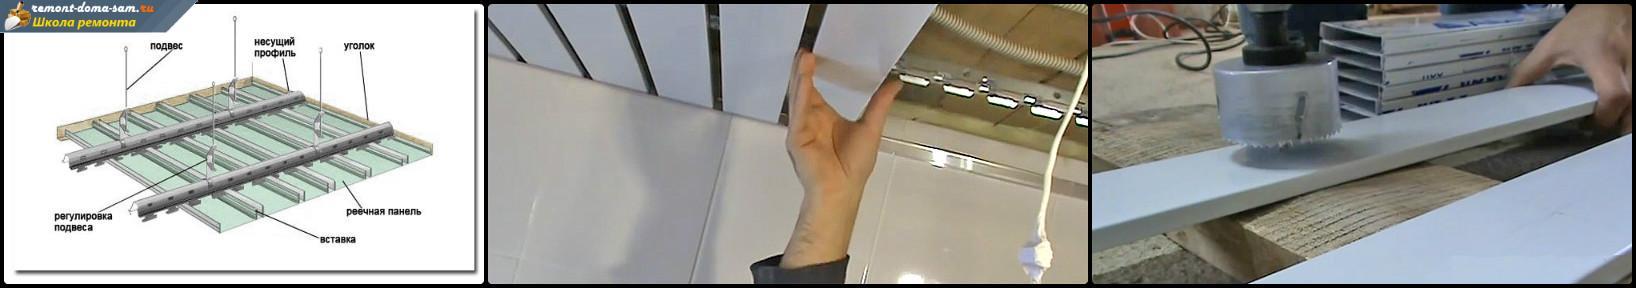 Установка реечных панелей